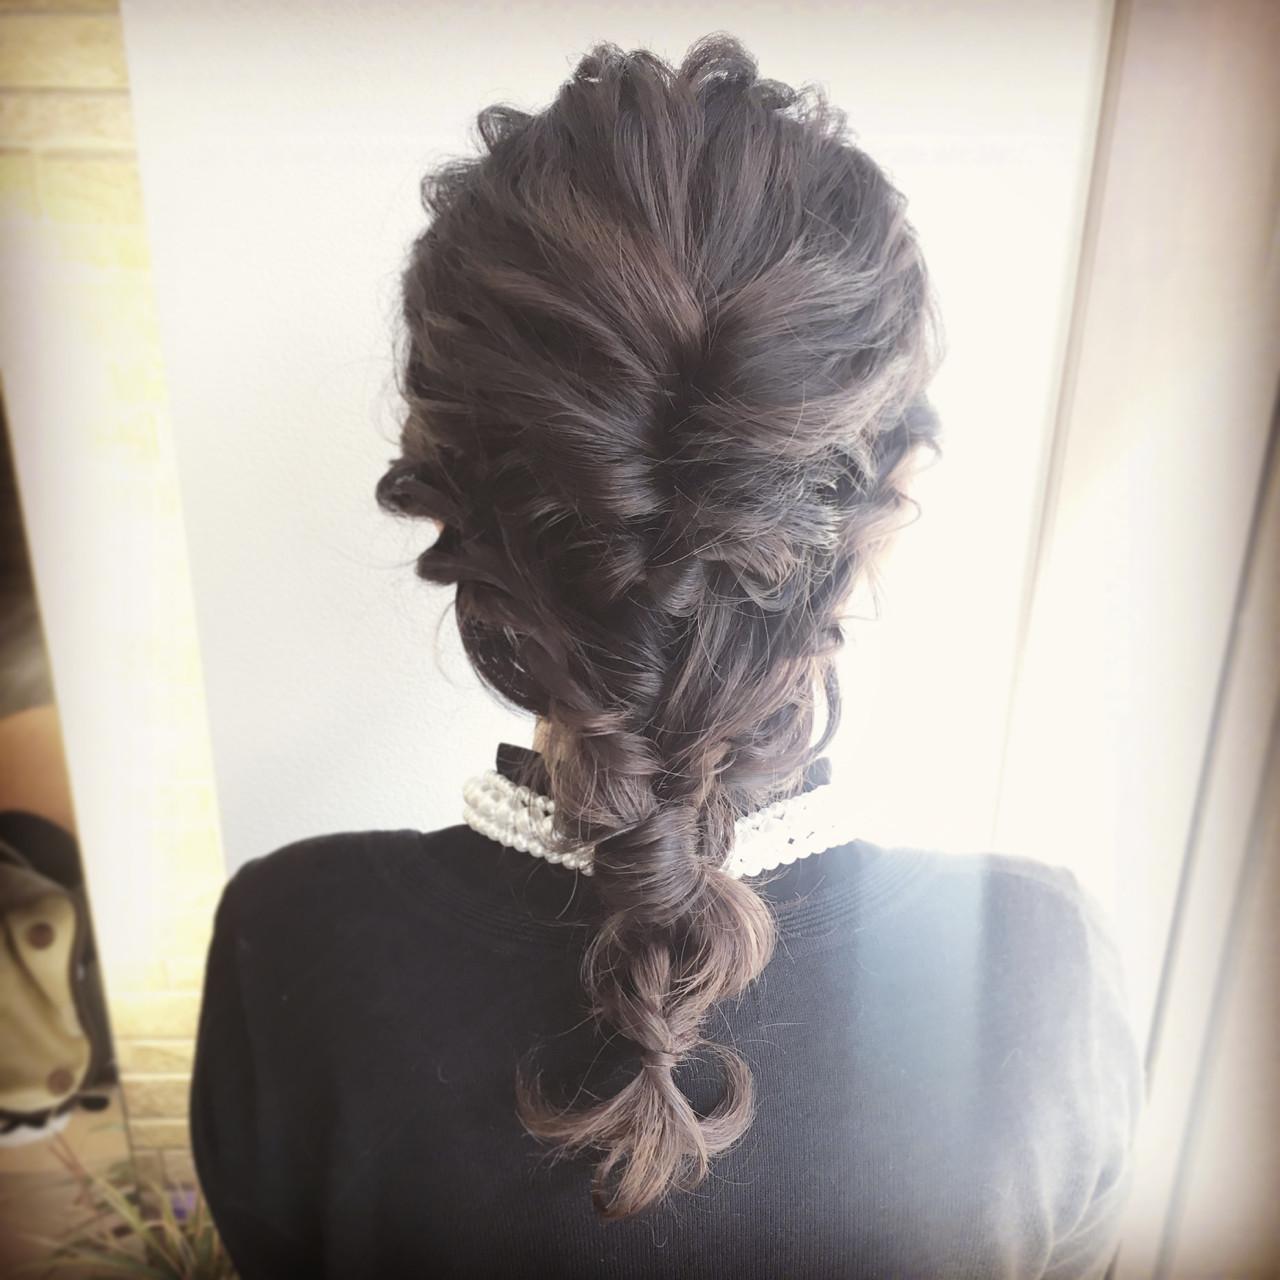 フェミニン ヘアアレンジ セミロング ディズニー ヘアスタイルや髪型の写真・画像